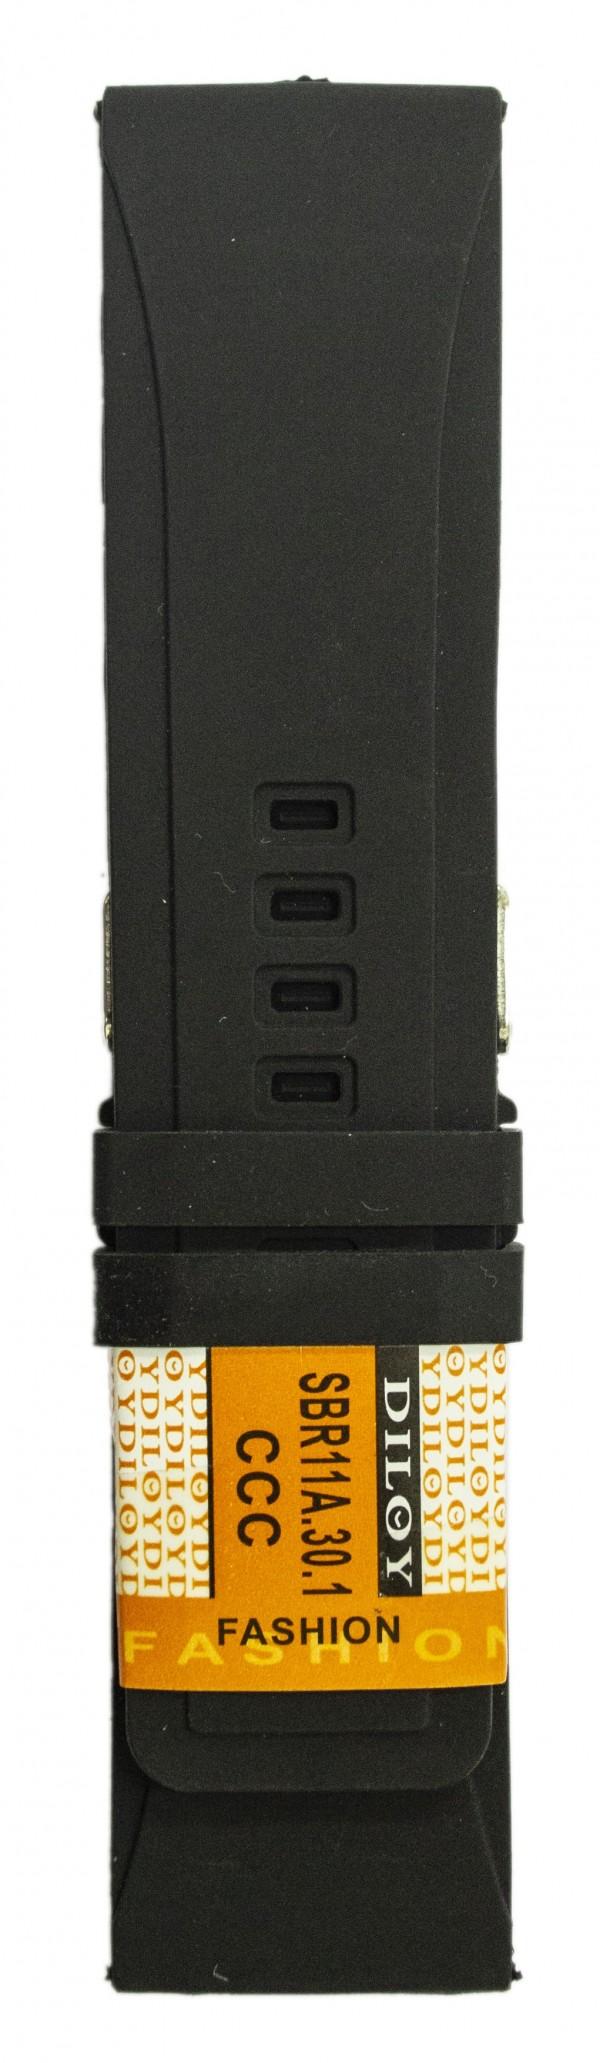 Silikonski kais - SK46 Crna boja 30mm